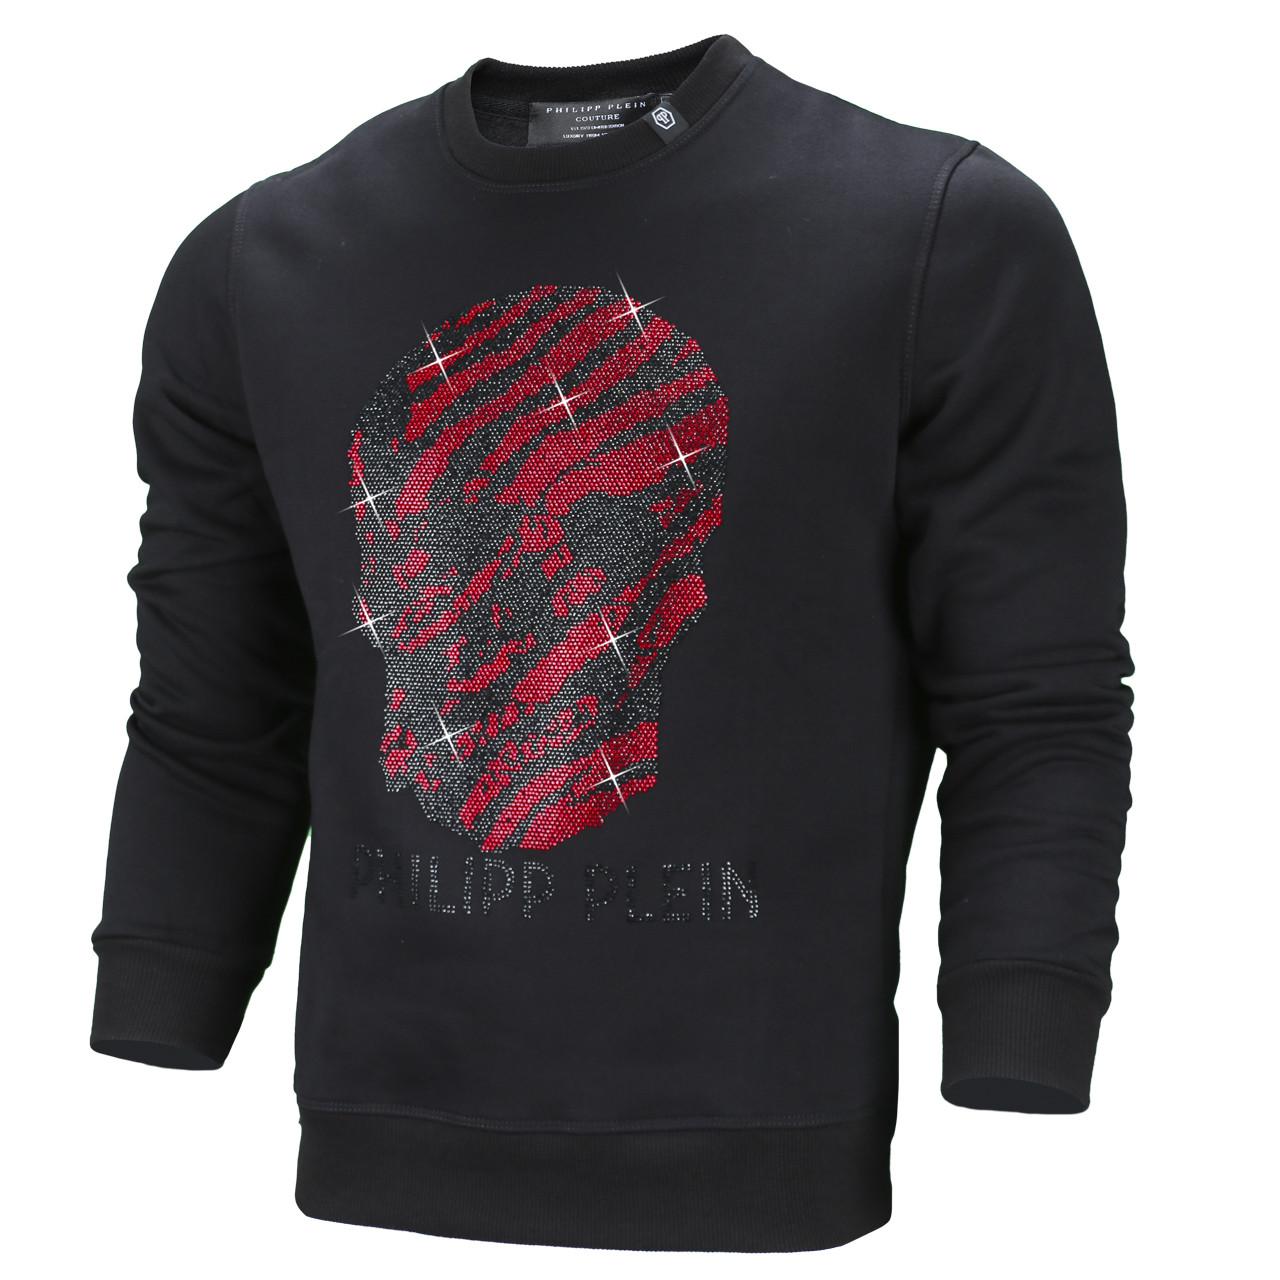 Свитшот осень-зима мужской черный с красн PHILIPP PLEIN со стразами #57 BLK/RED M(Р) 21-505-003